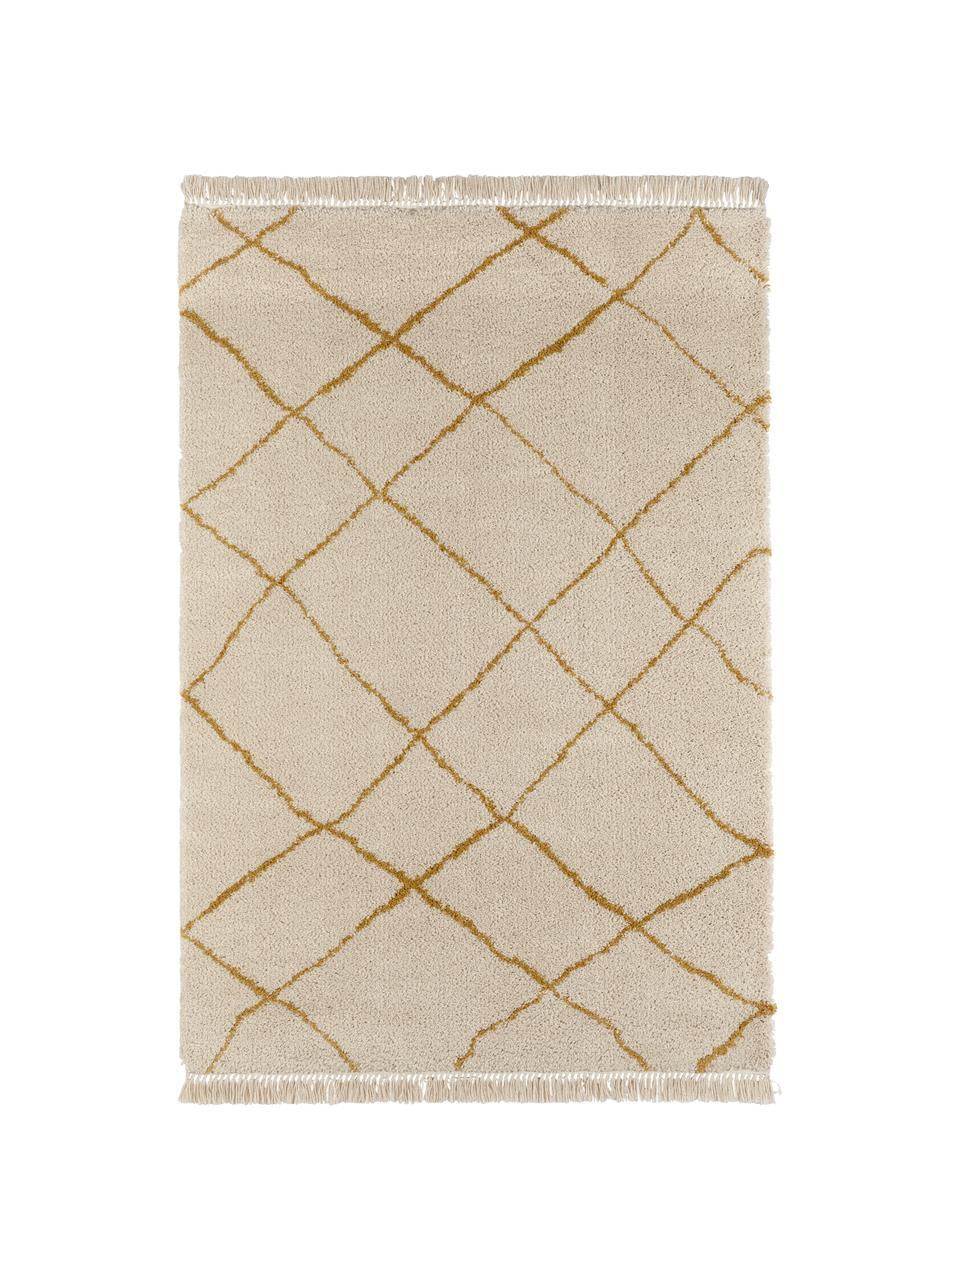 Tappeto con motivo a rombi Primrose, Crema, giallo dorato, Larg.160 x Lung. 230 cm  (taglia M)